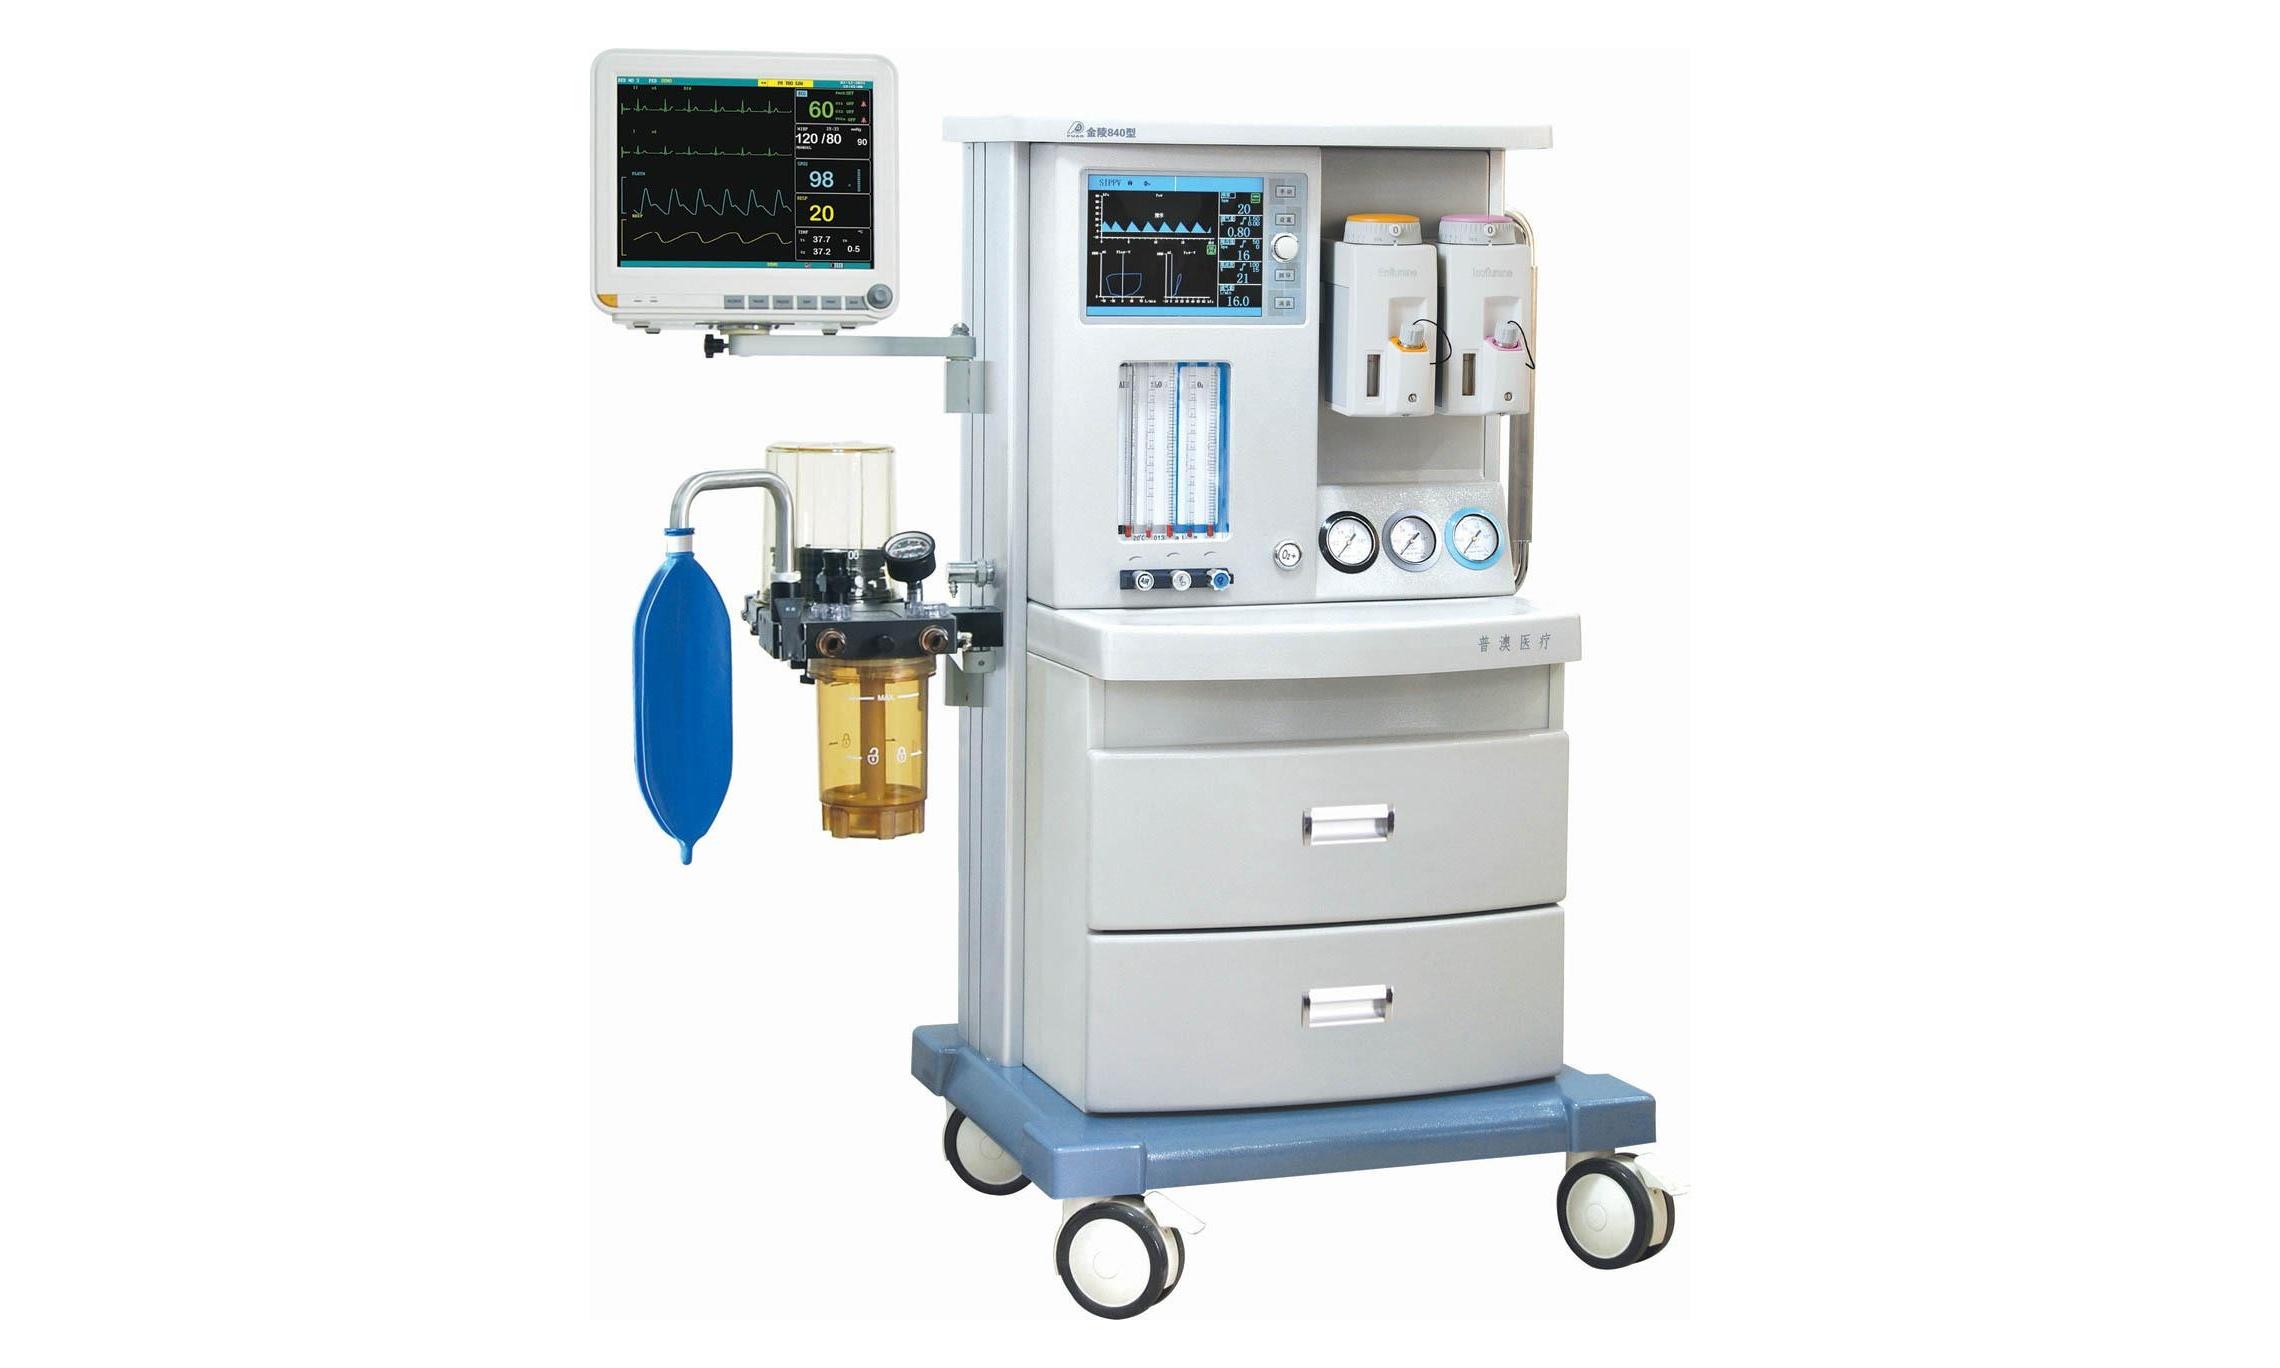 唐山市南堡开发区医院麻醉机等仪器设备采购项目招标